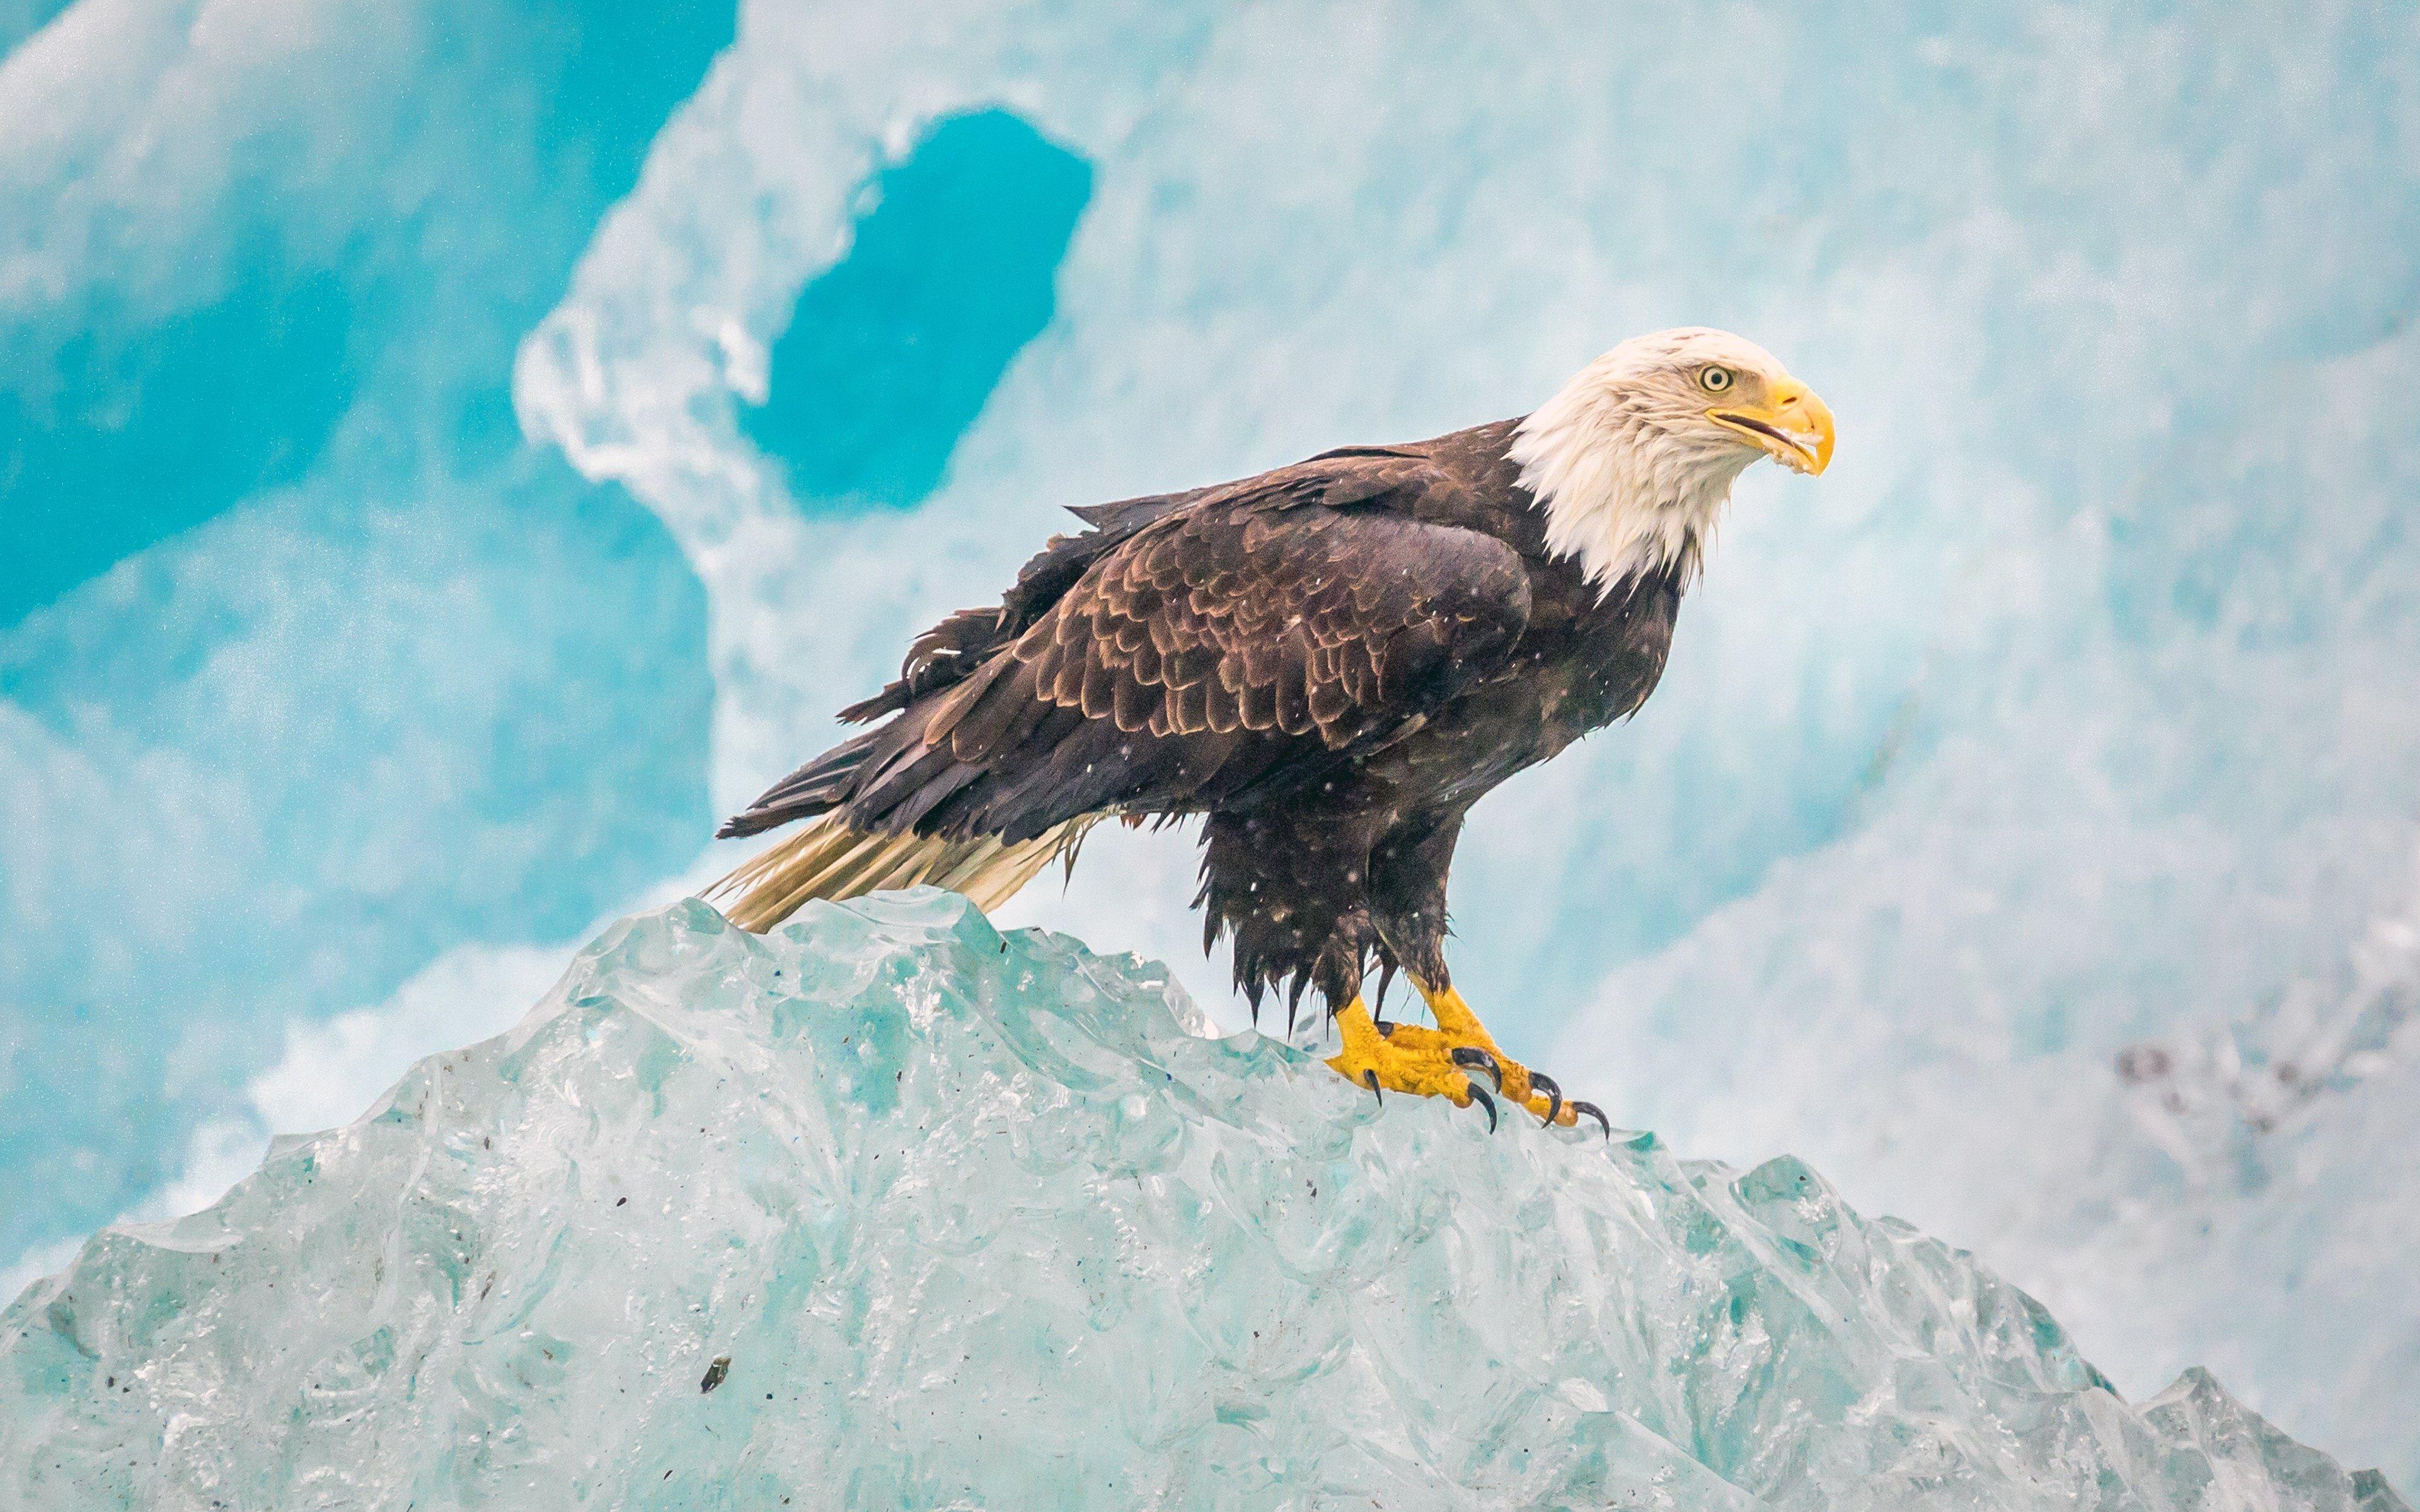 3840x2400 Eagle 4k Macbook Wallpapers Hd Bald Eagle Alaska Wallpaper Eagle